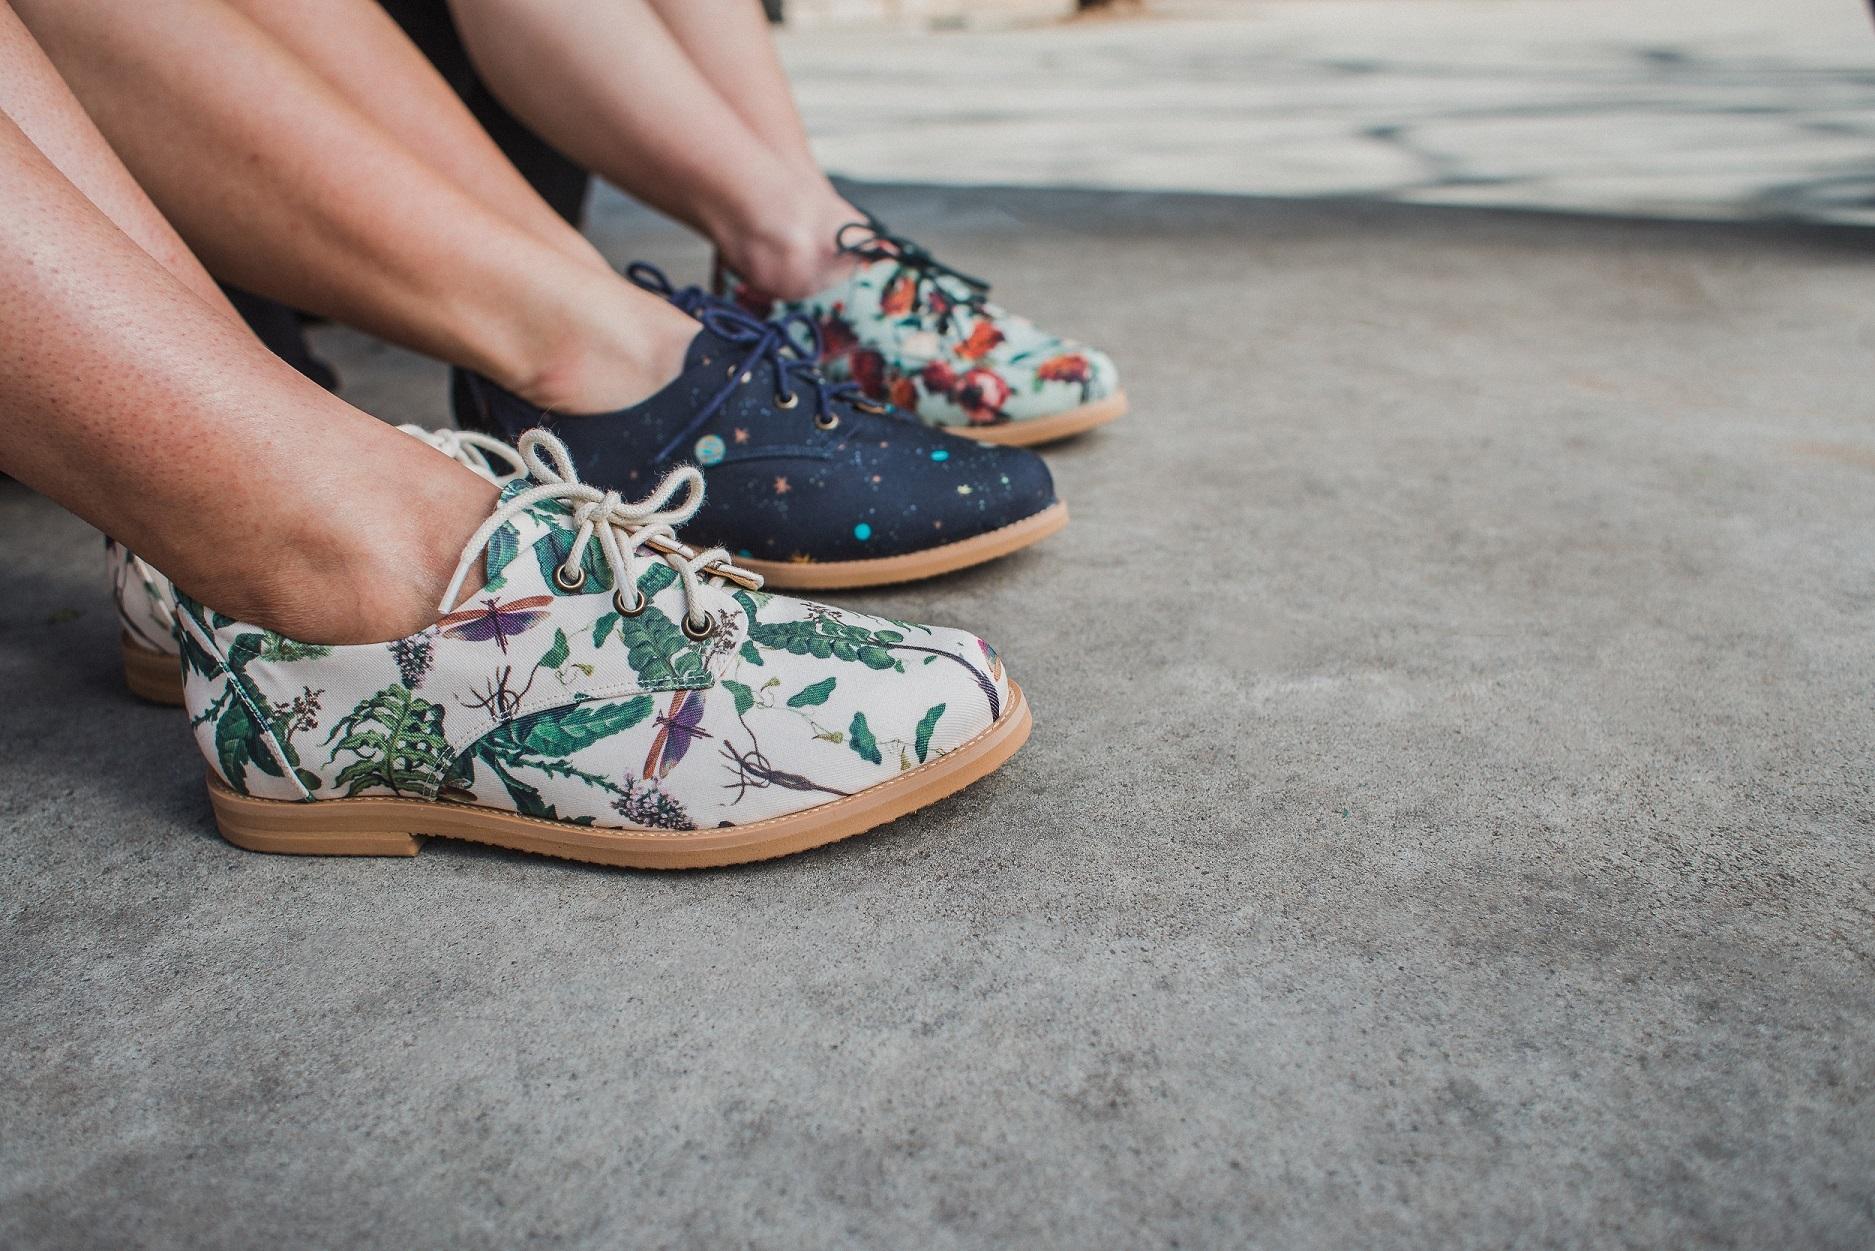 Os sapatos e roupas da Insecta são confeccionados de materiais que você nunca imaginaria, como borracha reciclada, sobras de tecido, latão reciclado, fios de garrafa PET, algodão reciclado e roupas de brechó